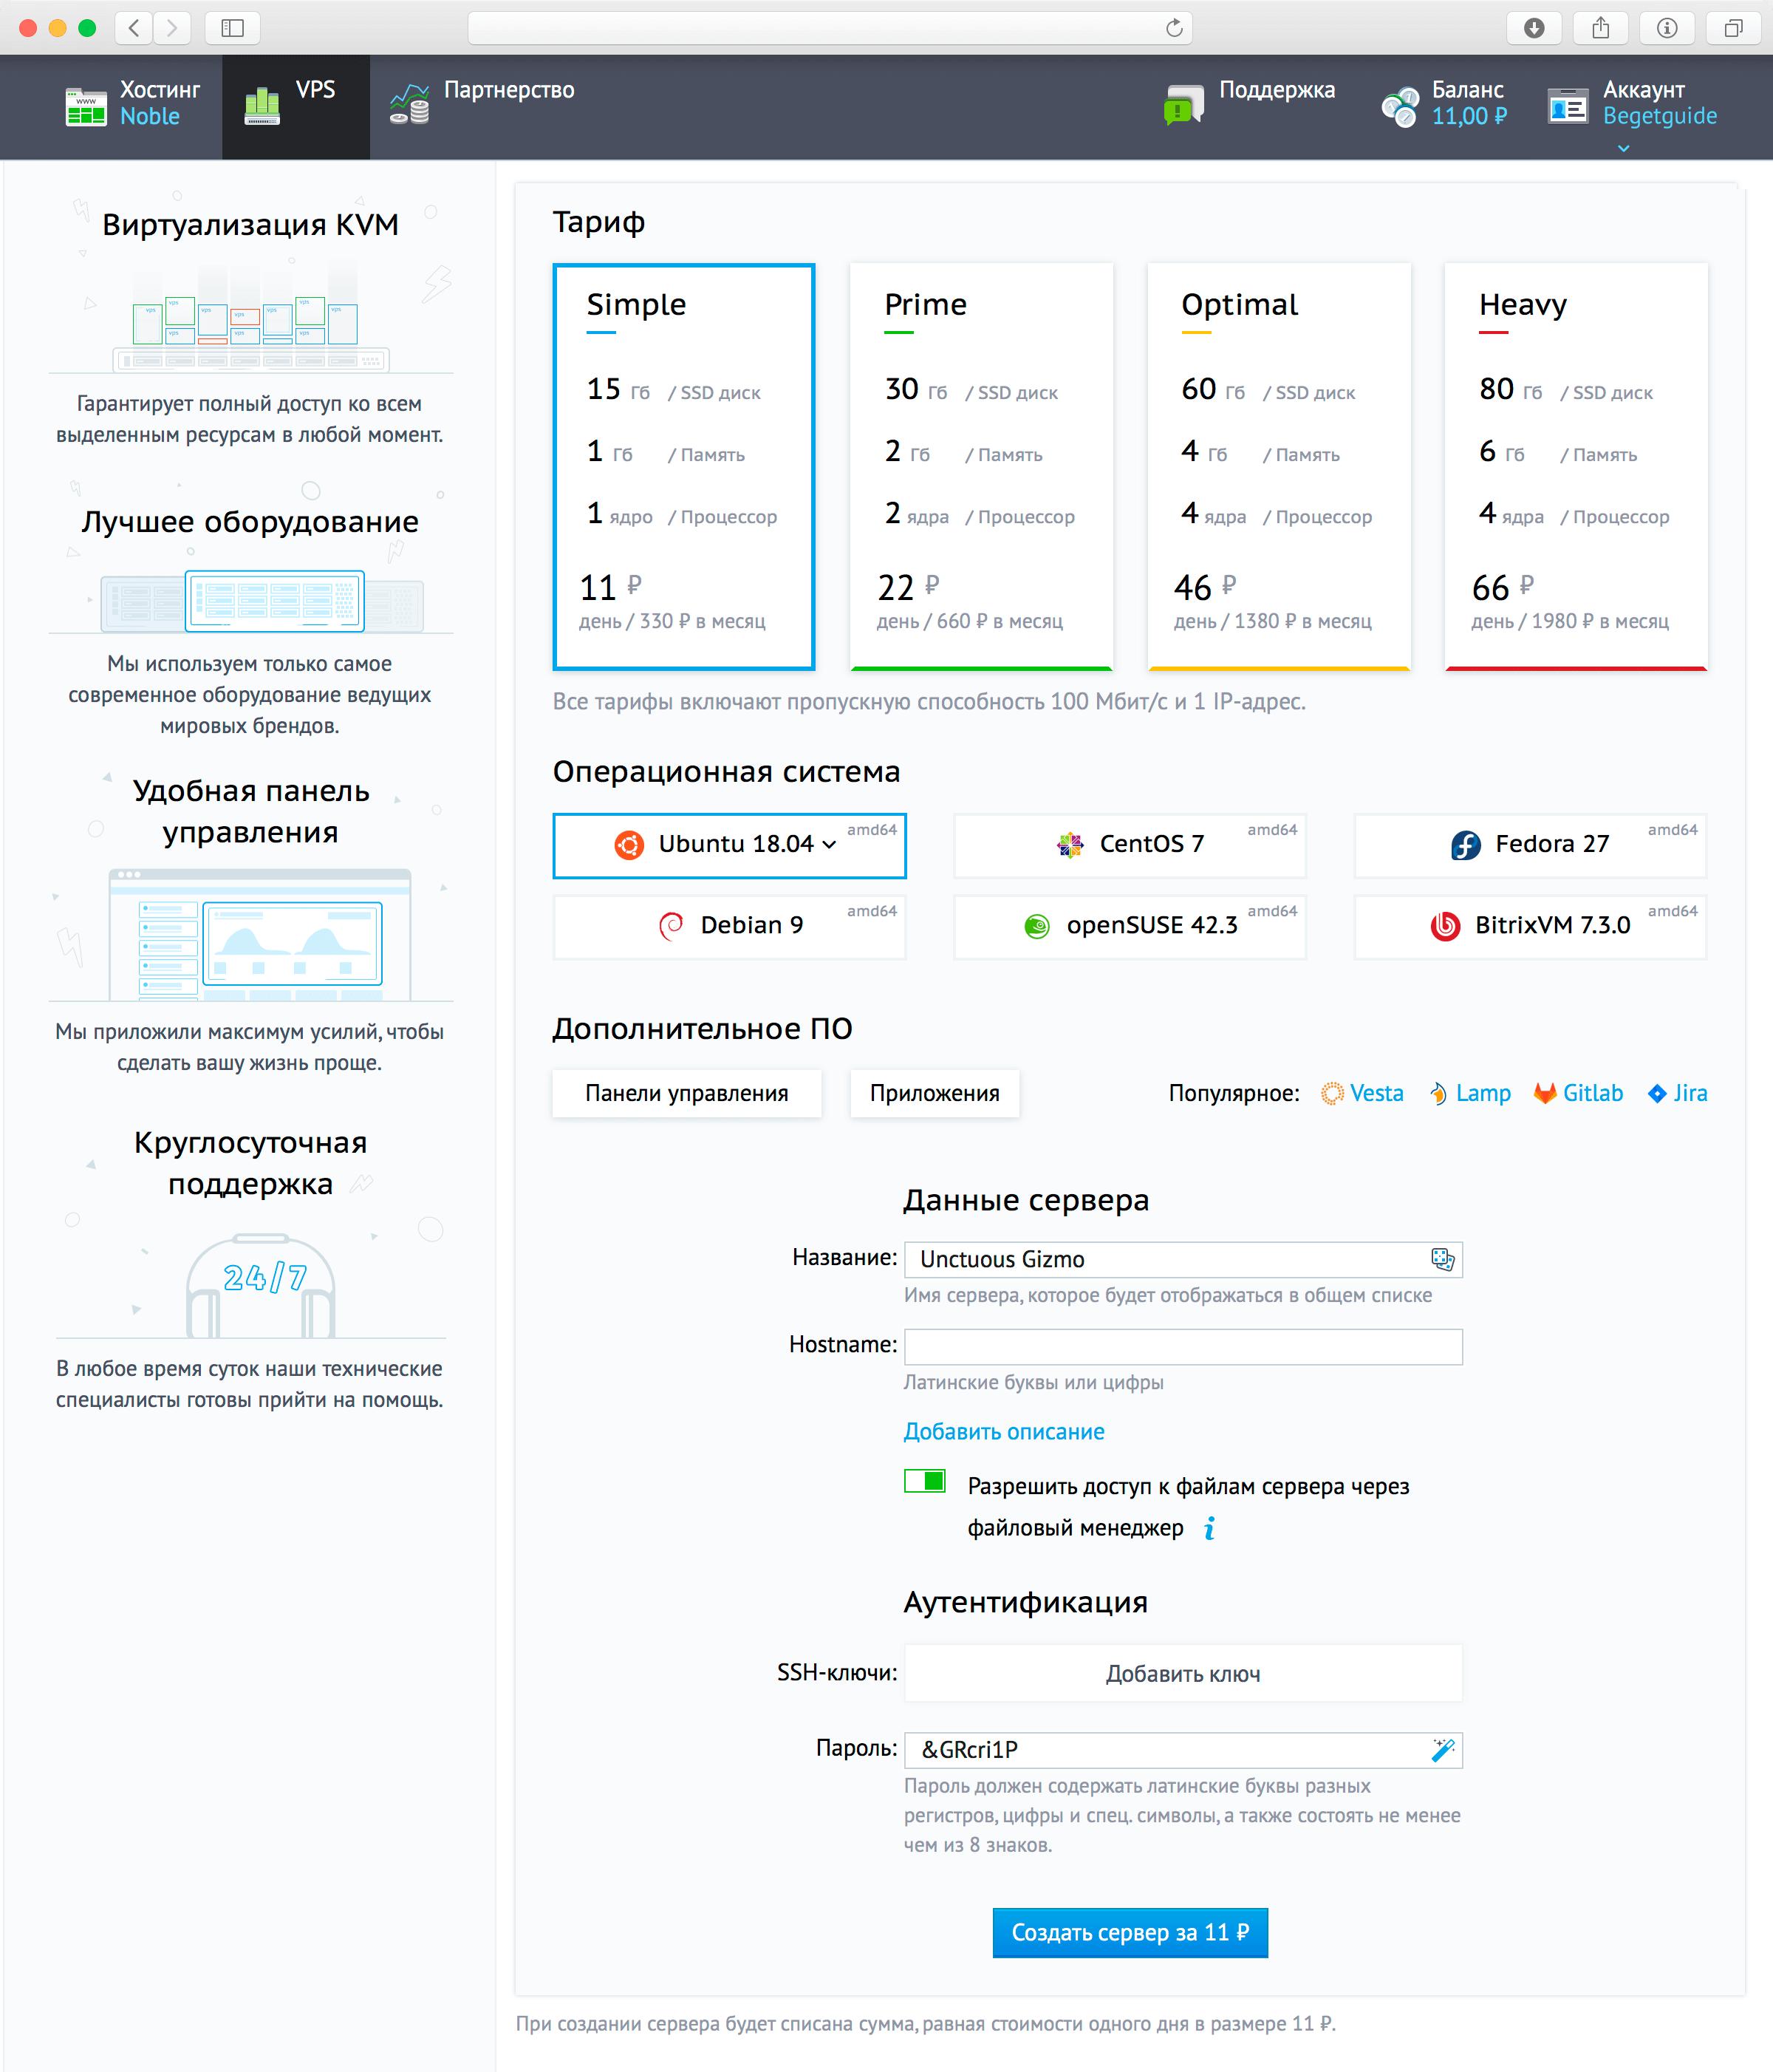 Бесплатный хостинг на vps обзор хостинга россия